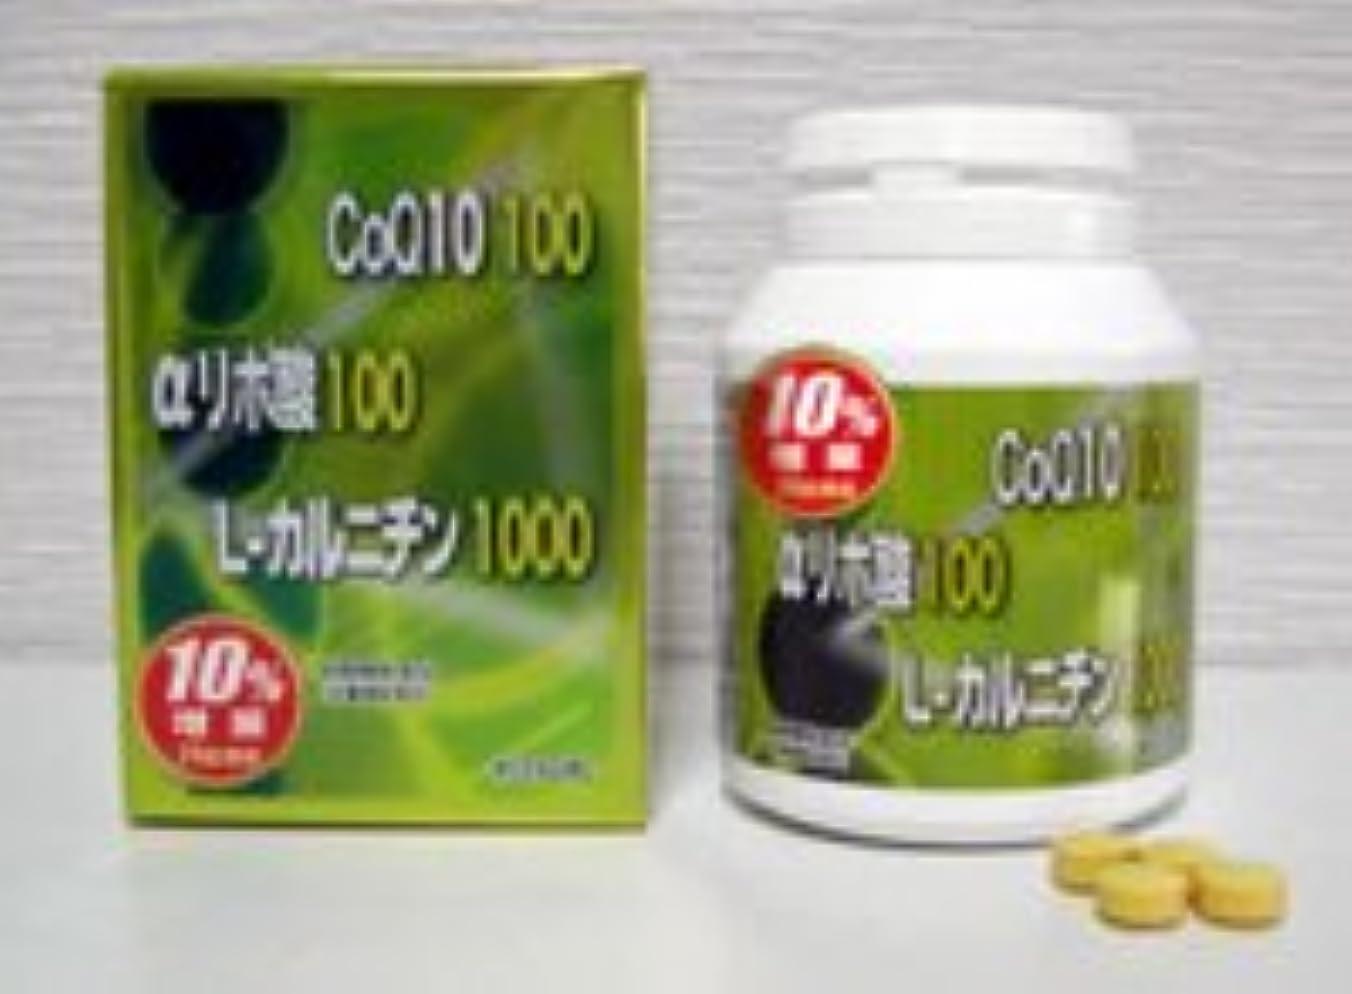 ドキュメンタリー怒るコアダイエットサプリ CoQ10+αリポ酸+L-カルニチン 102.96g(390mg×約264粒)